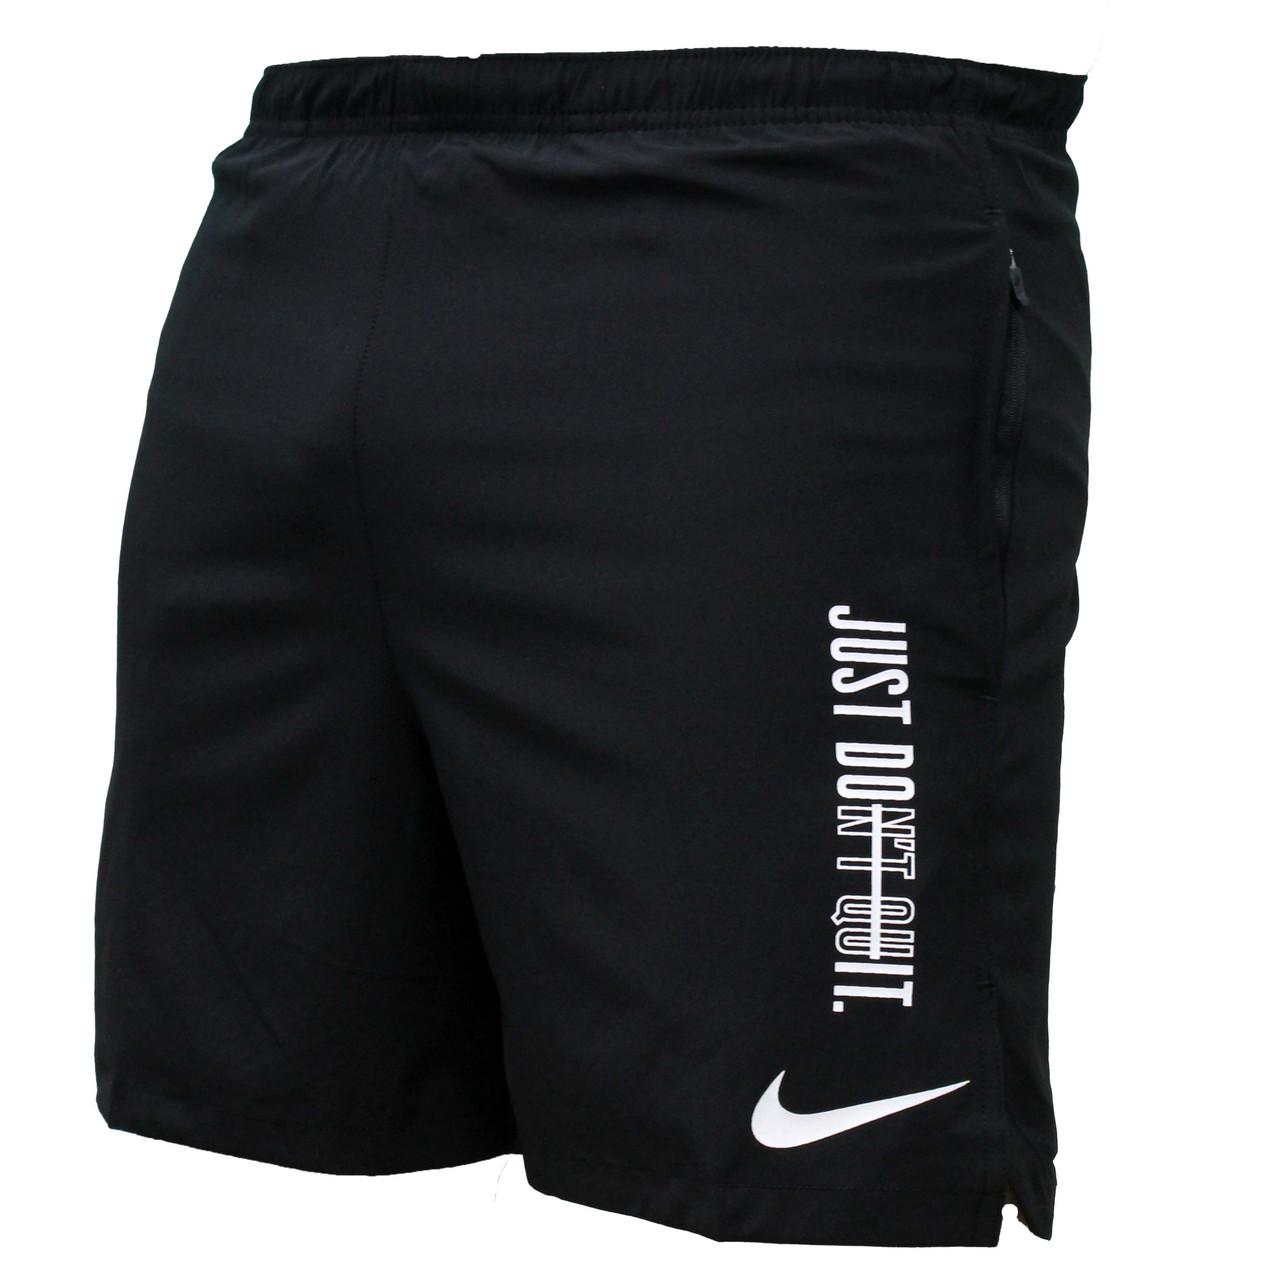 Мужские болоневые спортивные шорты черные средней длины (Реплика)